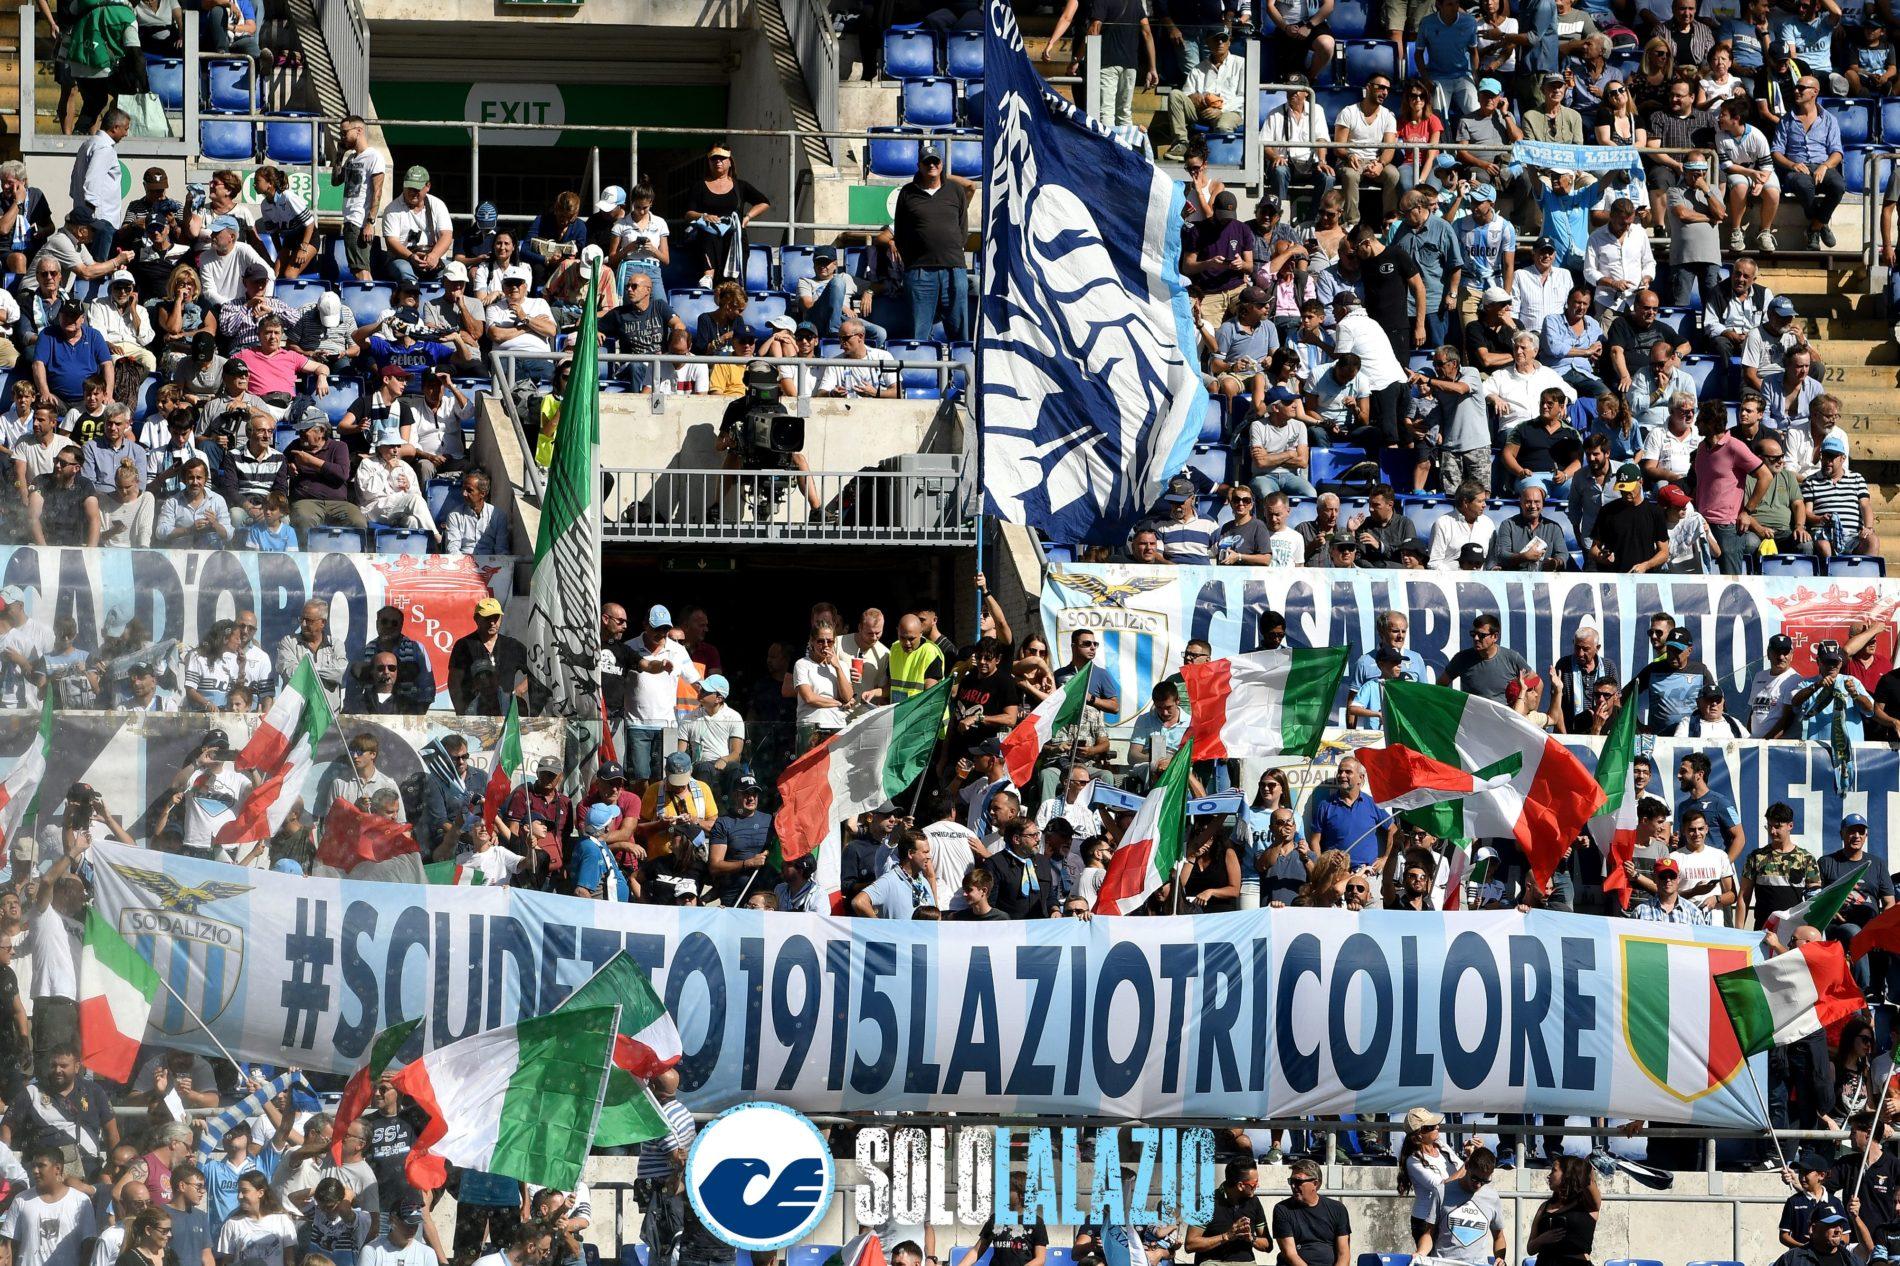 Lazio - Genoa, striscione Scudetto 1915